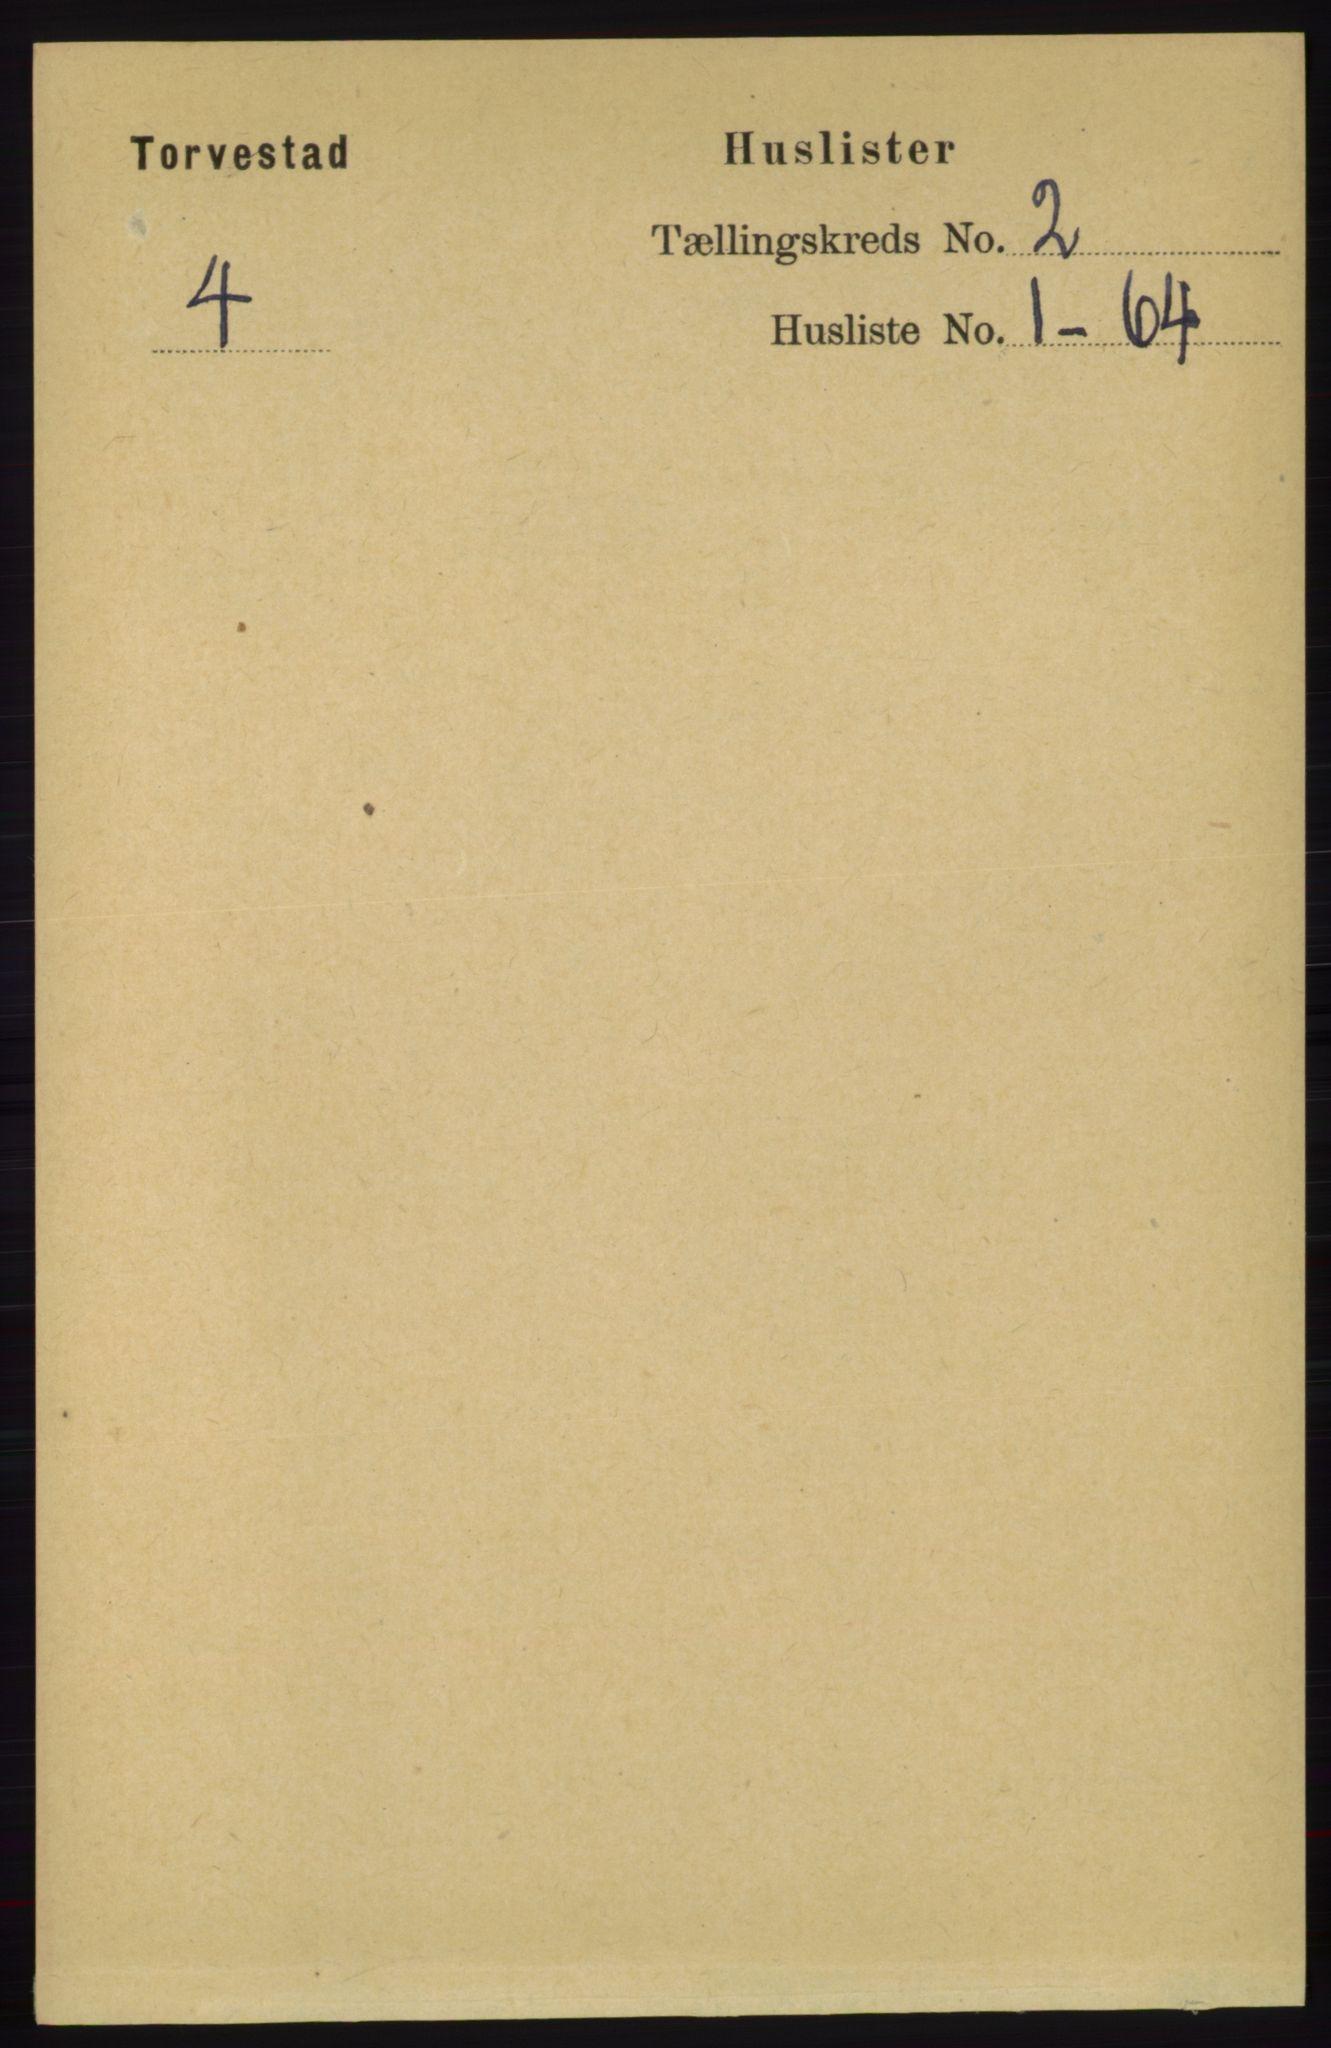 RA, Folketelling 1891 for 1152 Torvastad herred, 1891, s. 448